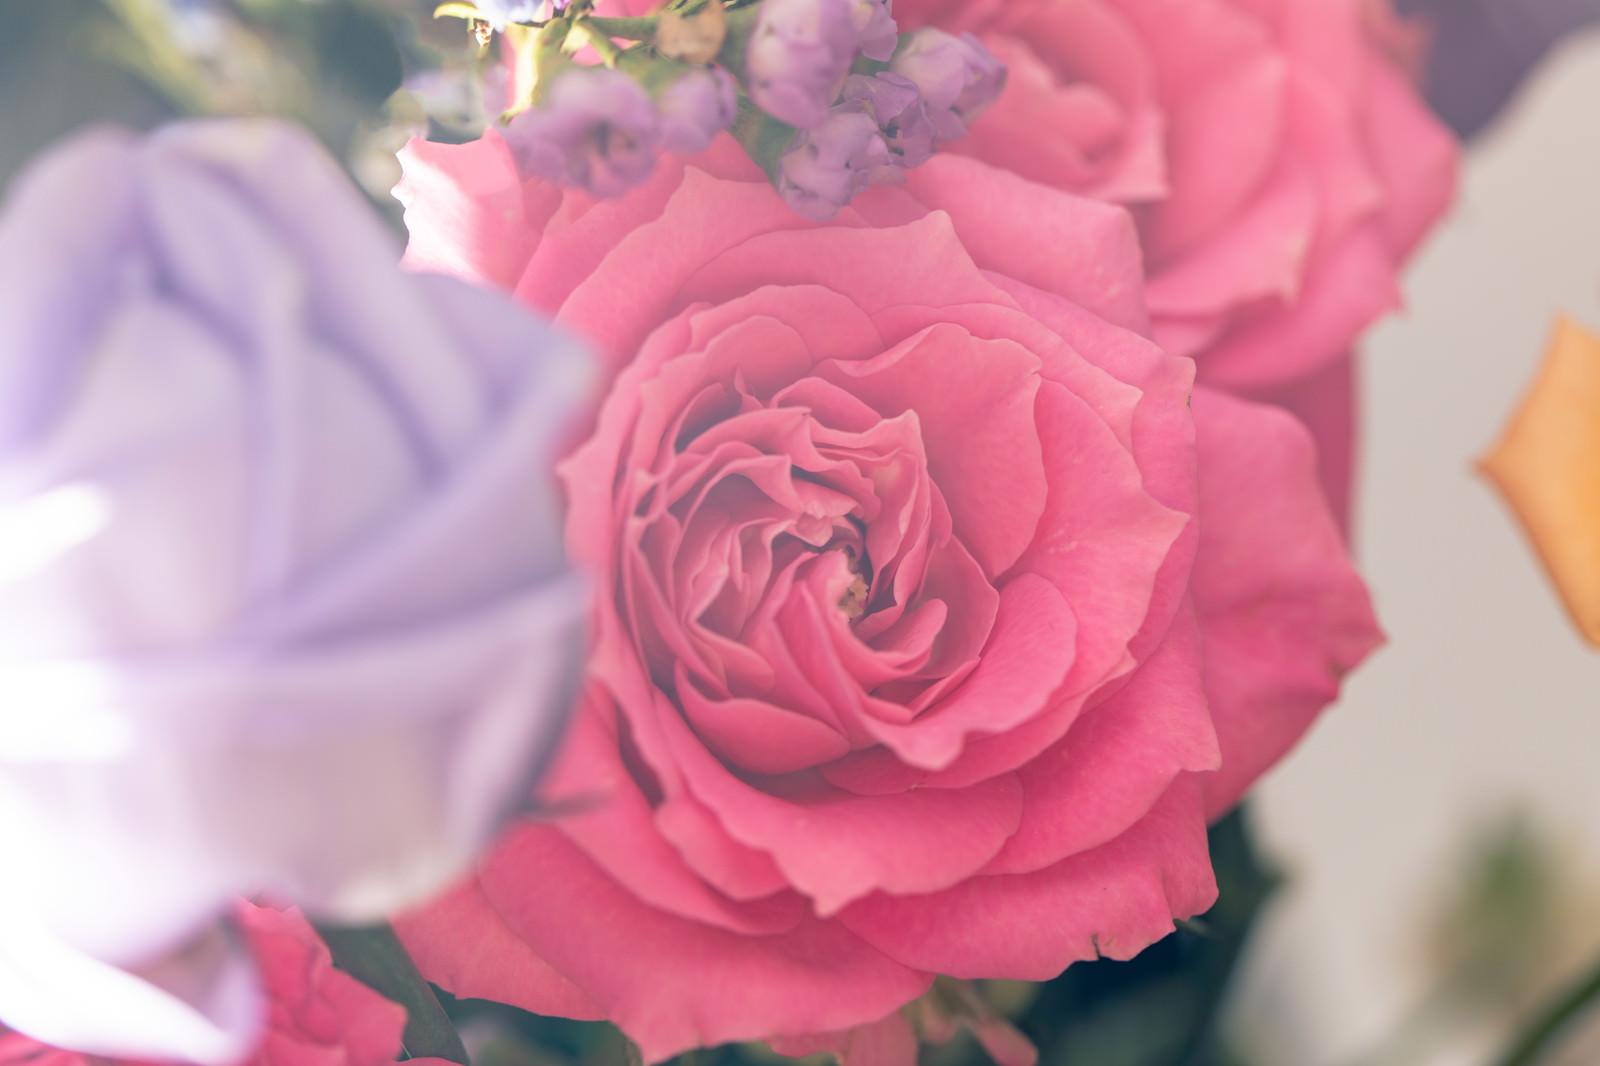 「ピンク色のバラの花」の写真